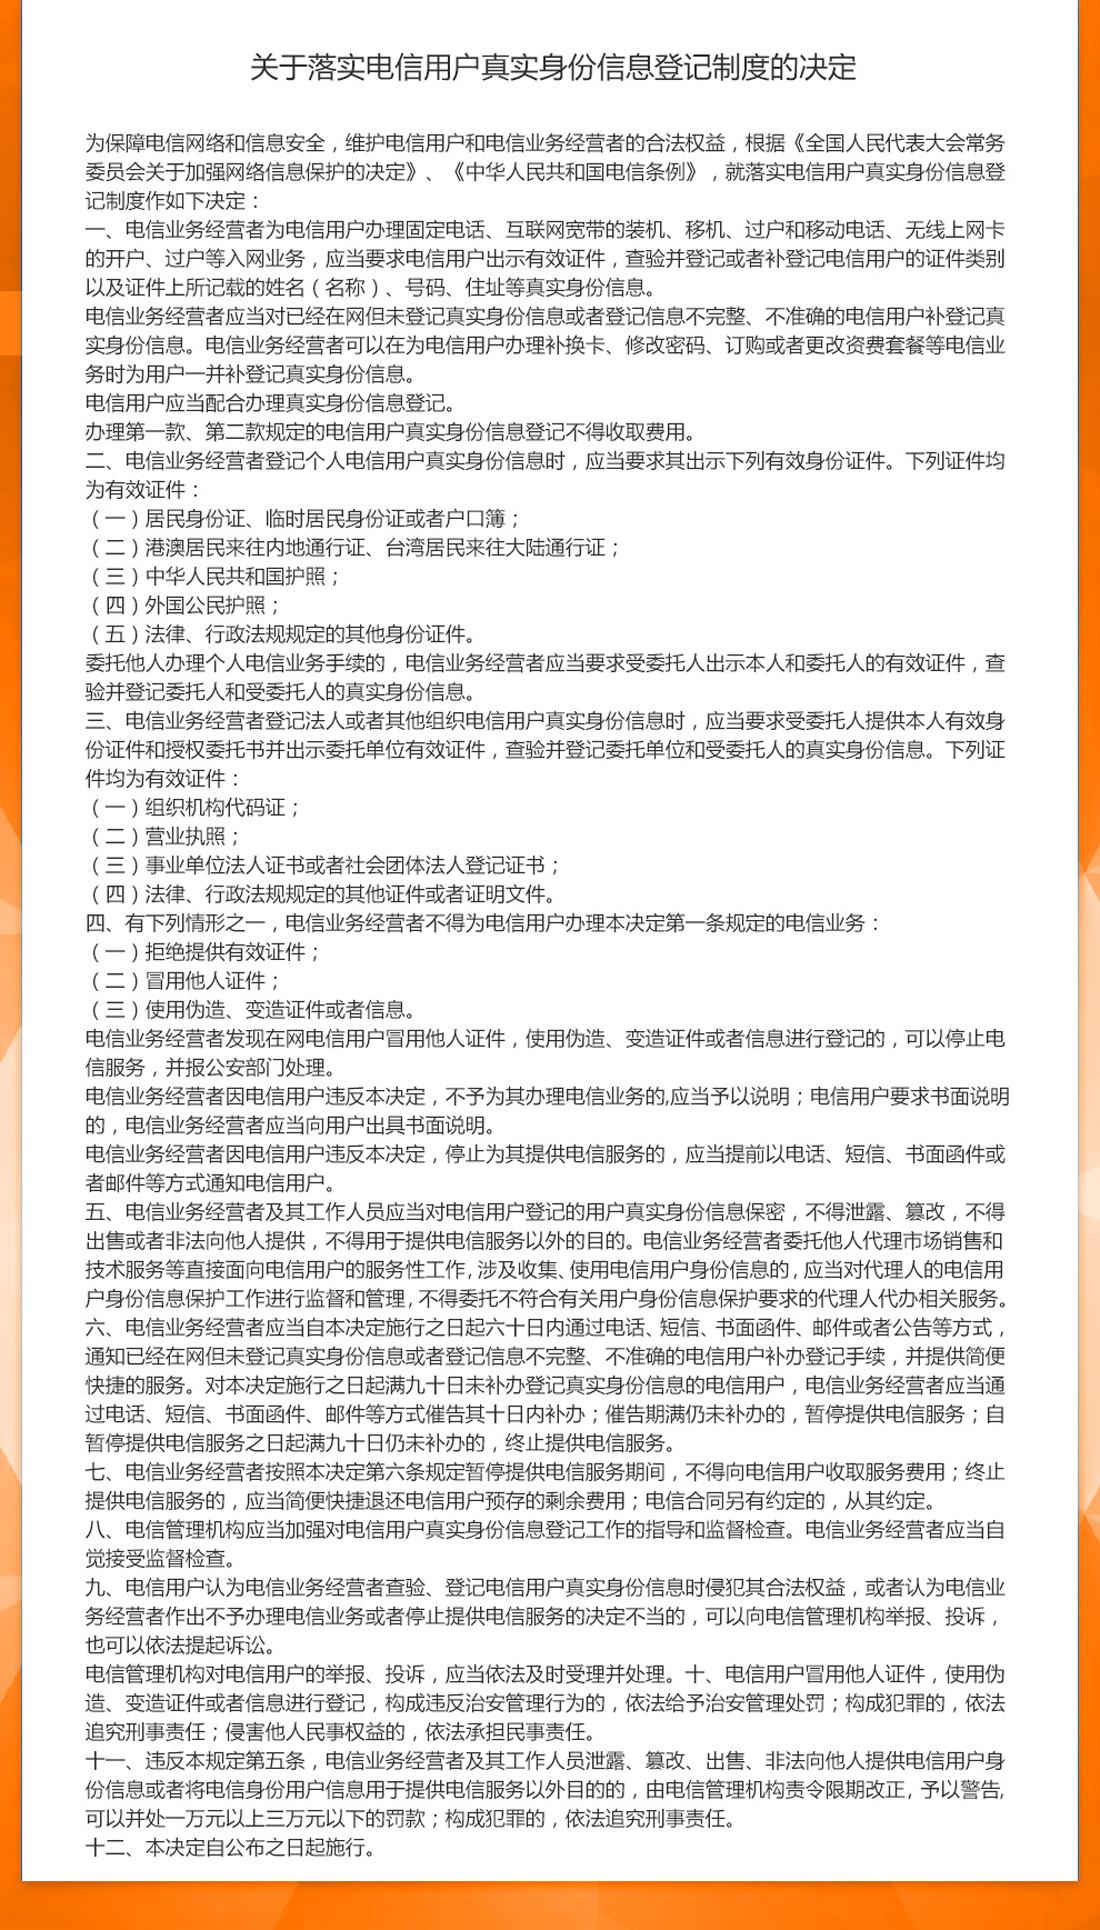 深圳电信实名认证公告